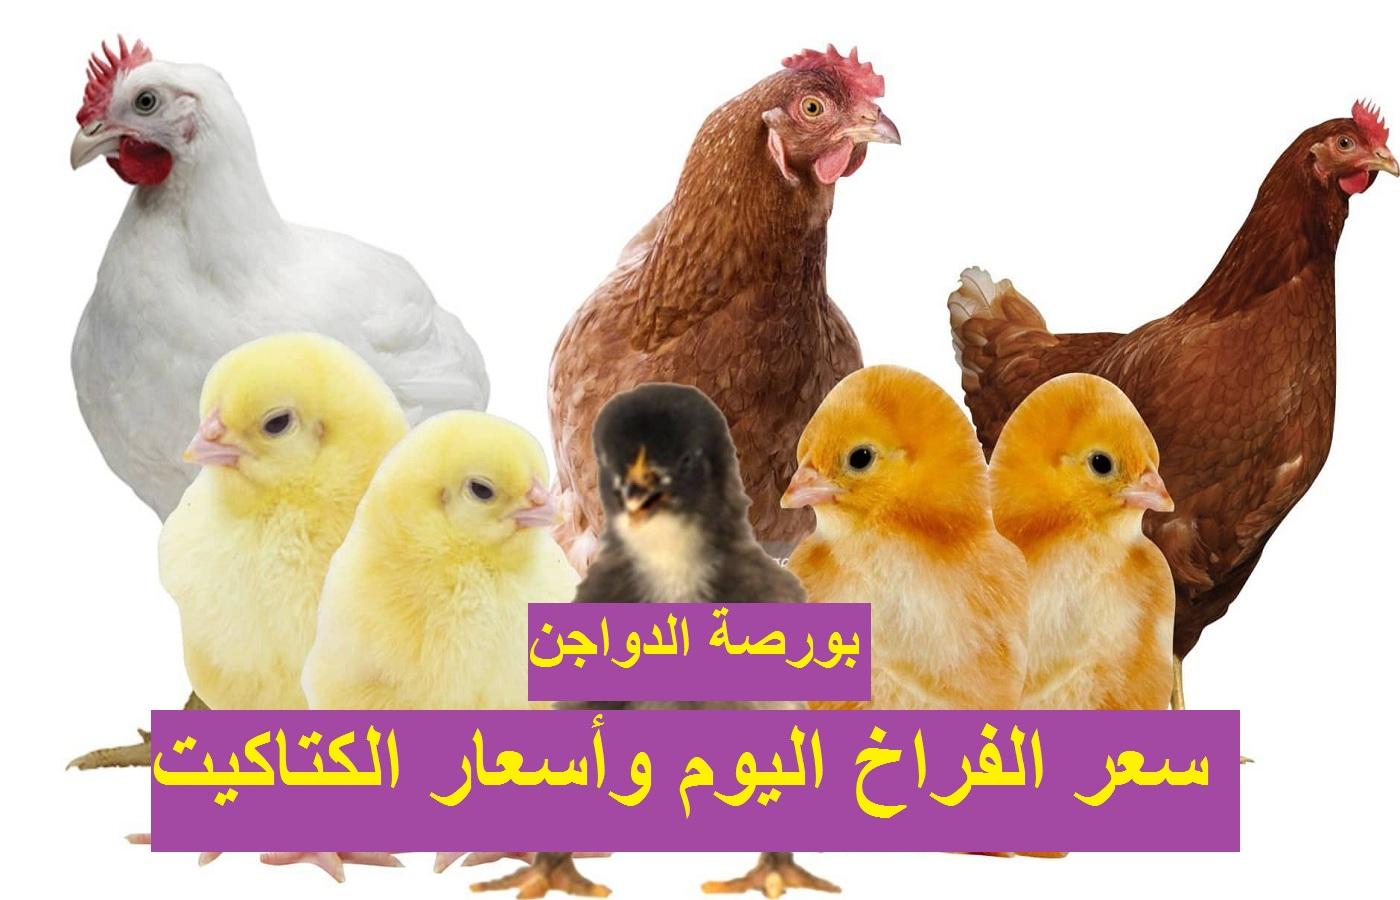 بورصة الدواجن.. سعر الفراخ اليوم الثلاثاء 2 مارس وسعر الكتكوت الأبيض اليوم في جميع الشركات 5